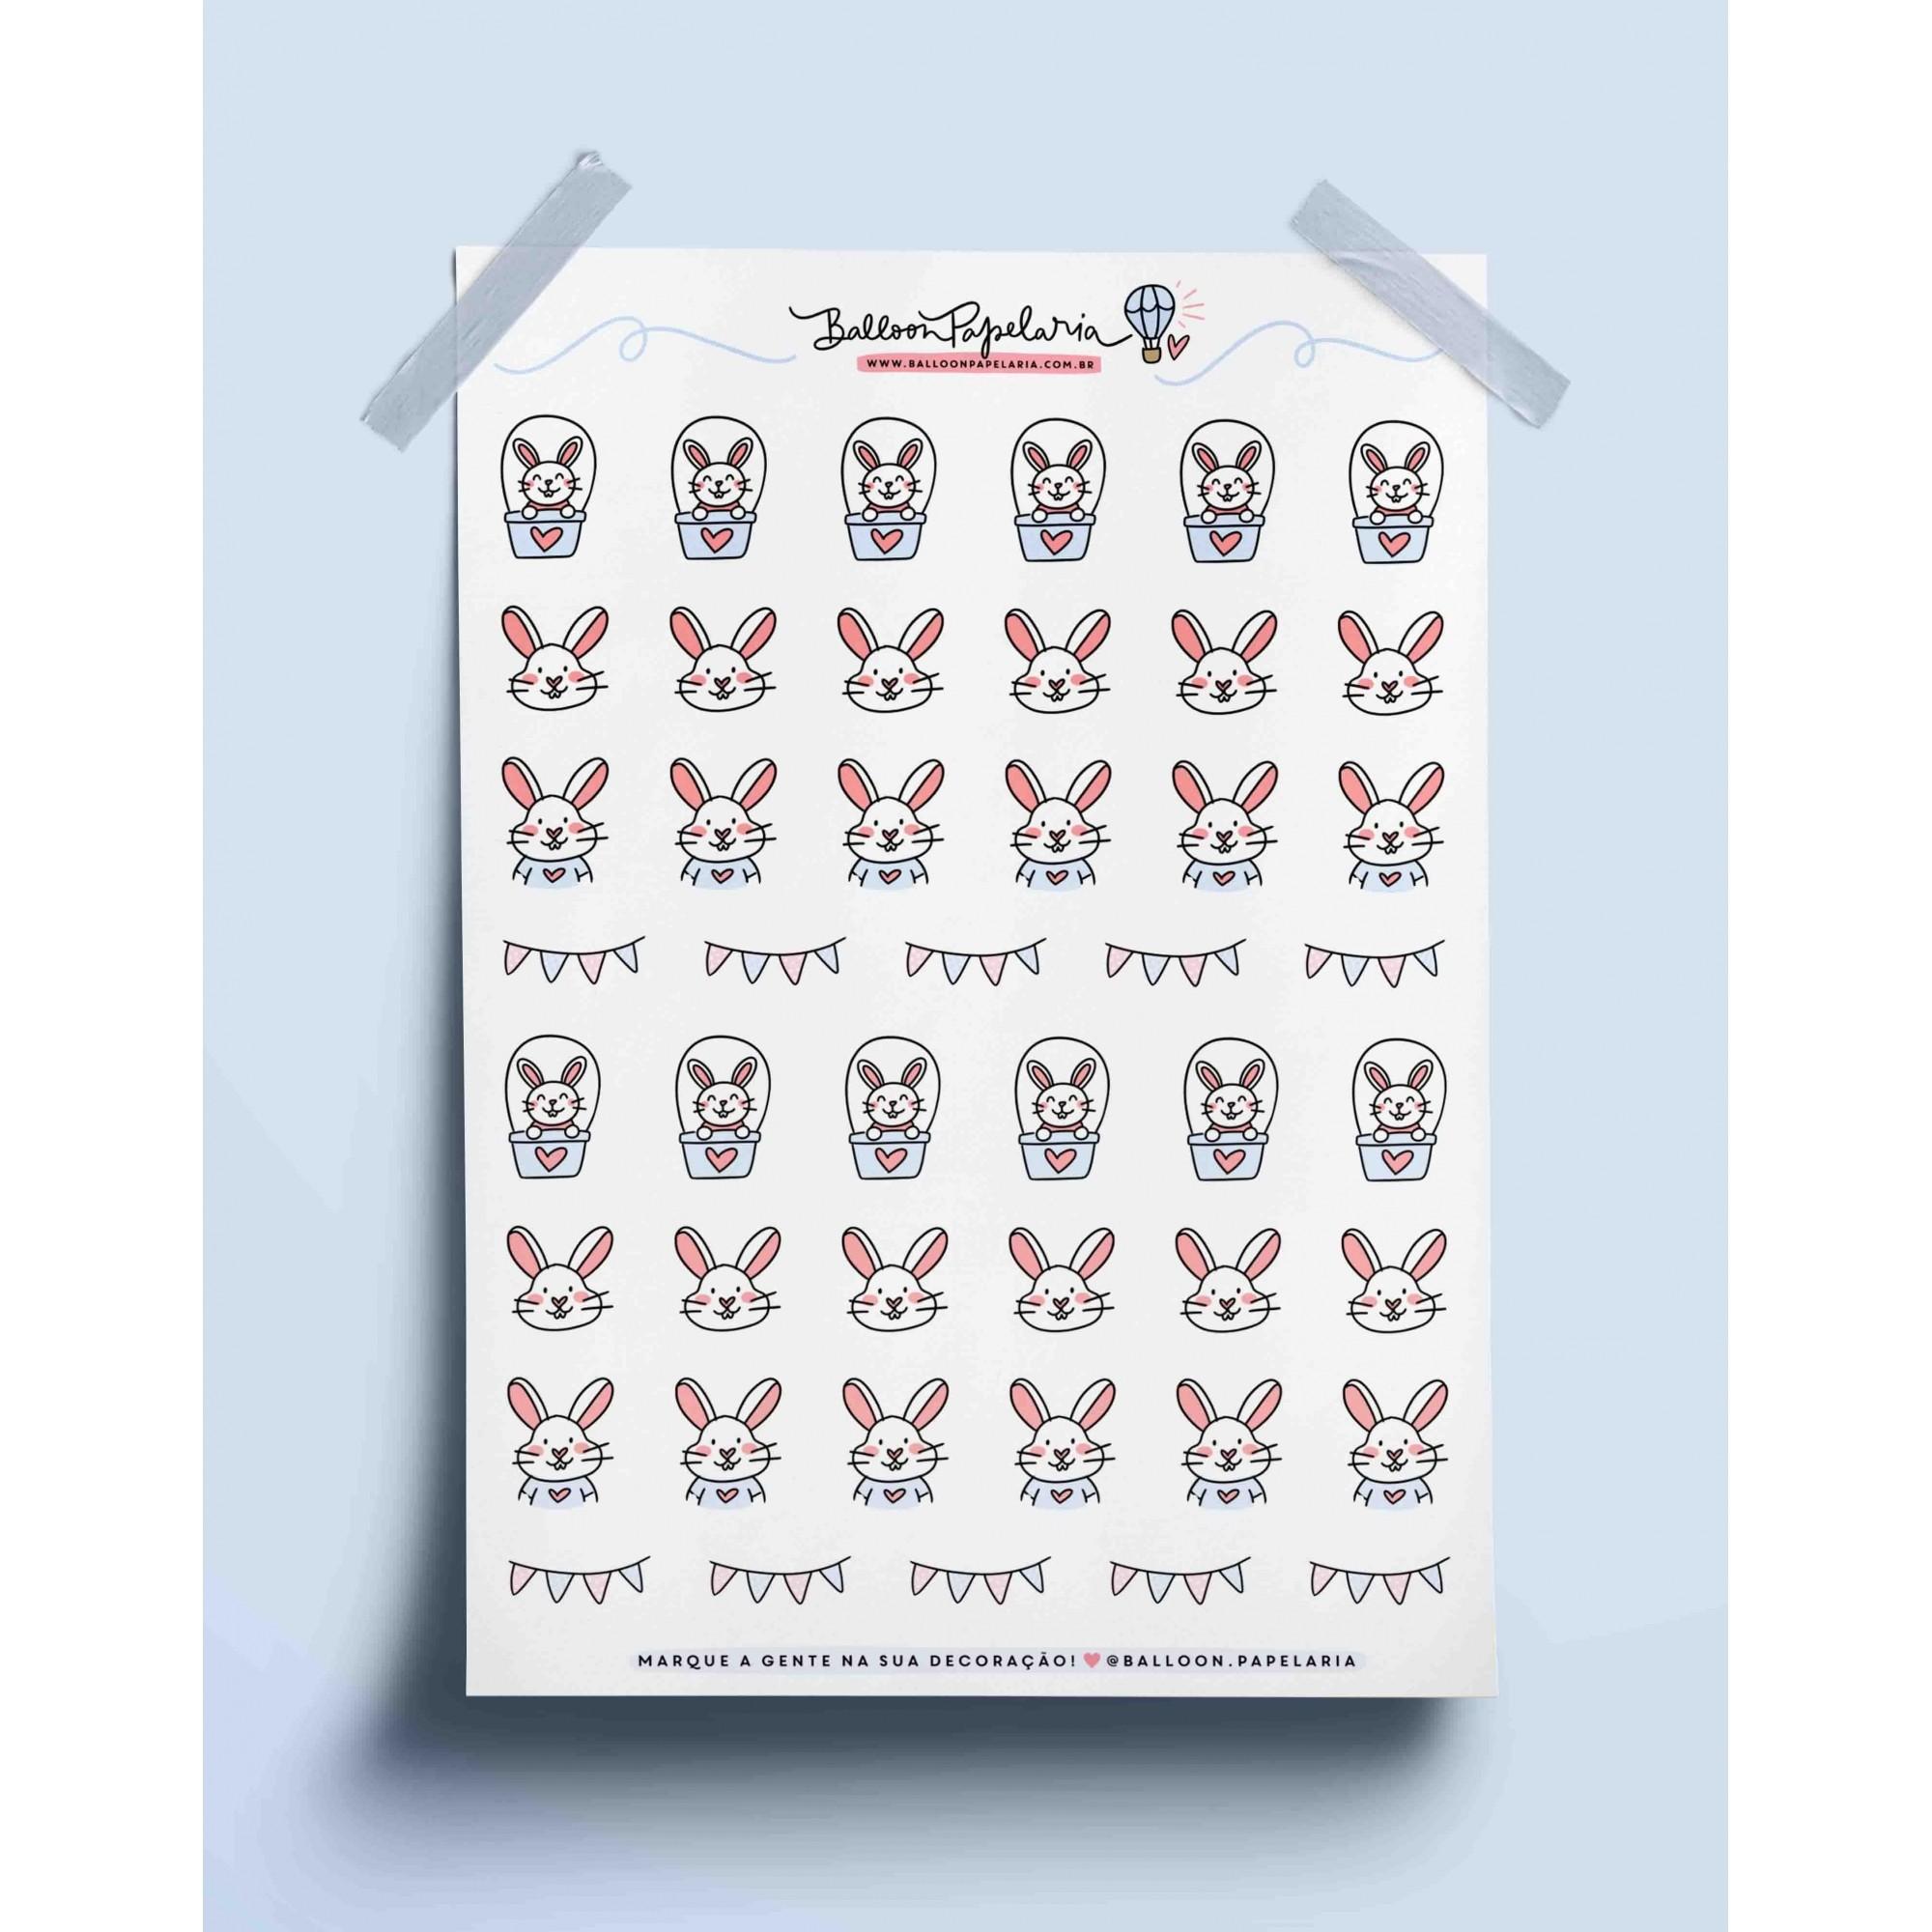 Adesivo coelhos fofos